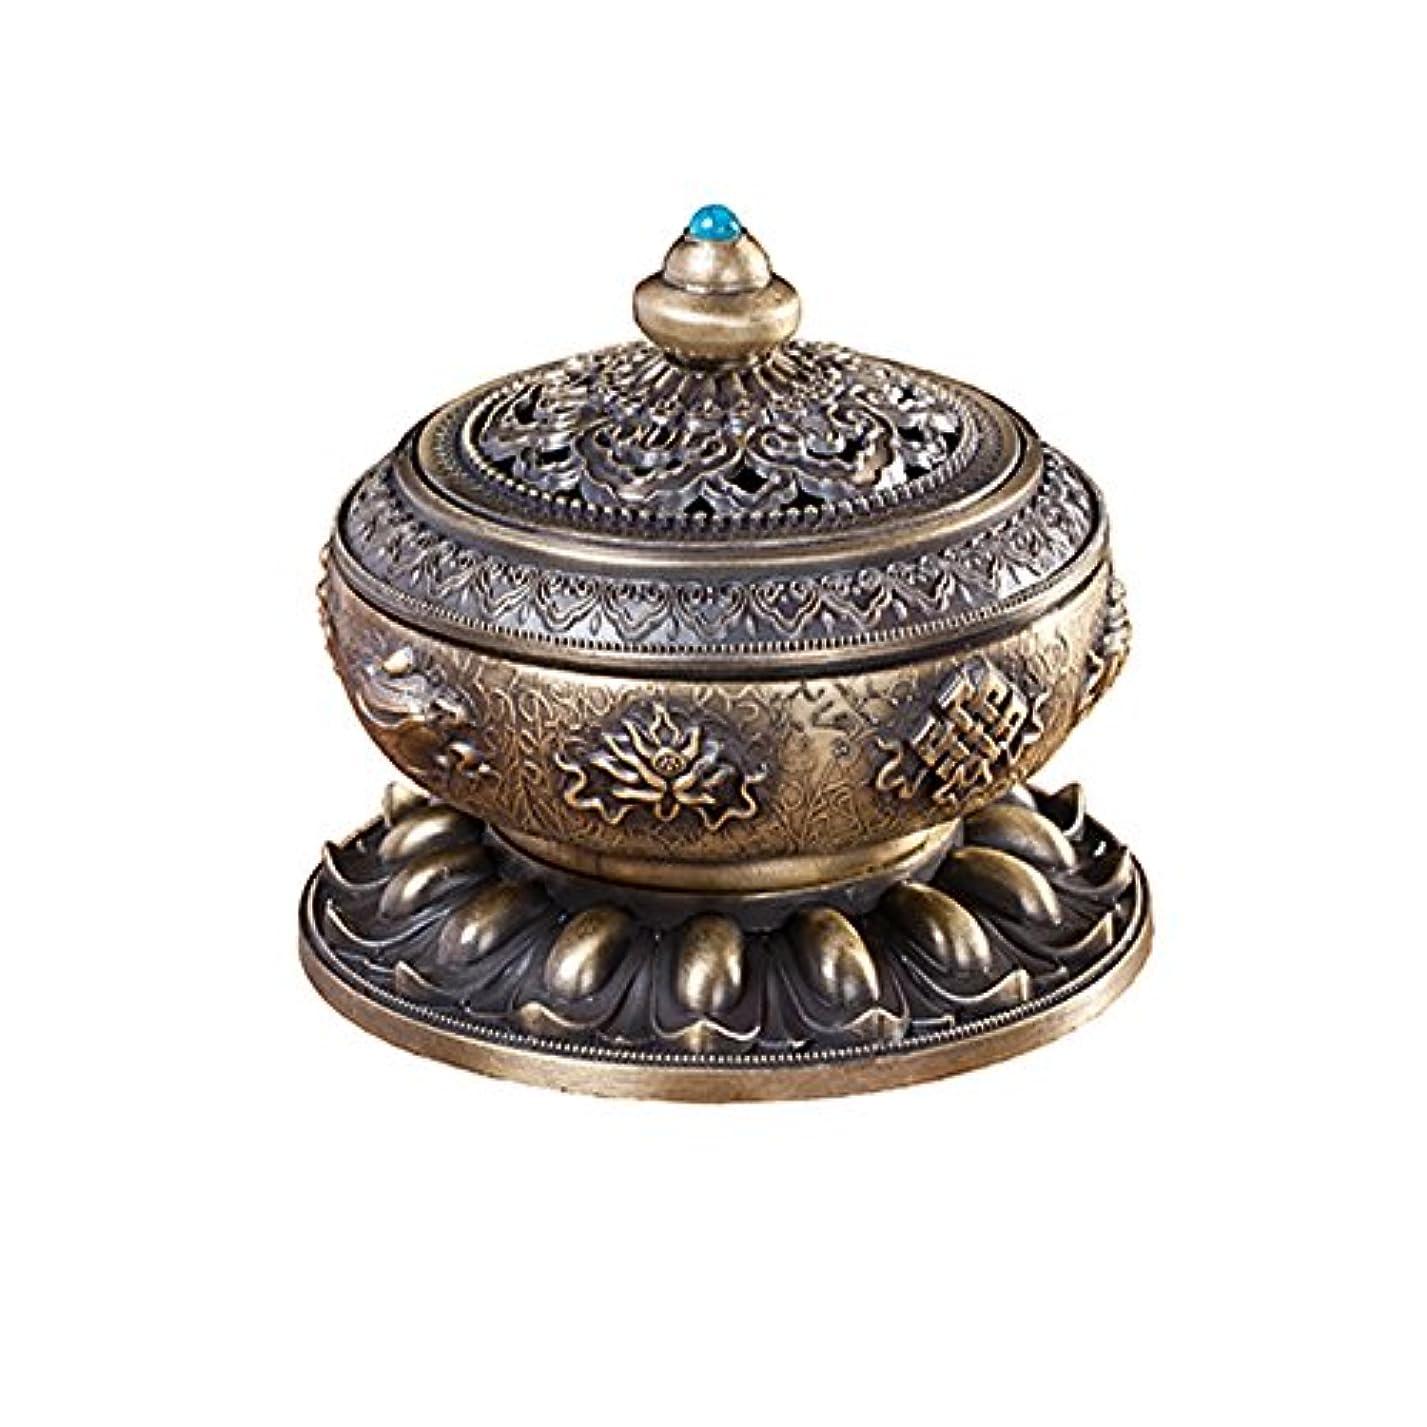 コートポルティコ看板BUYSEEY 家用 アロマ香炉 青銅 ブロンズ 丸香炉 お香立て 渦巻き線香 などに 香立て付き (S)